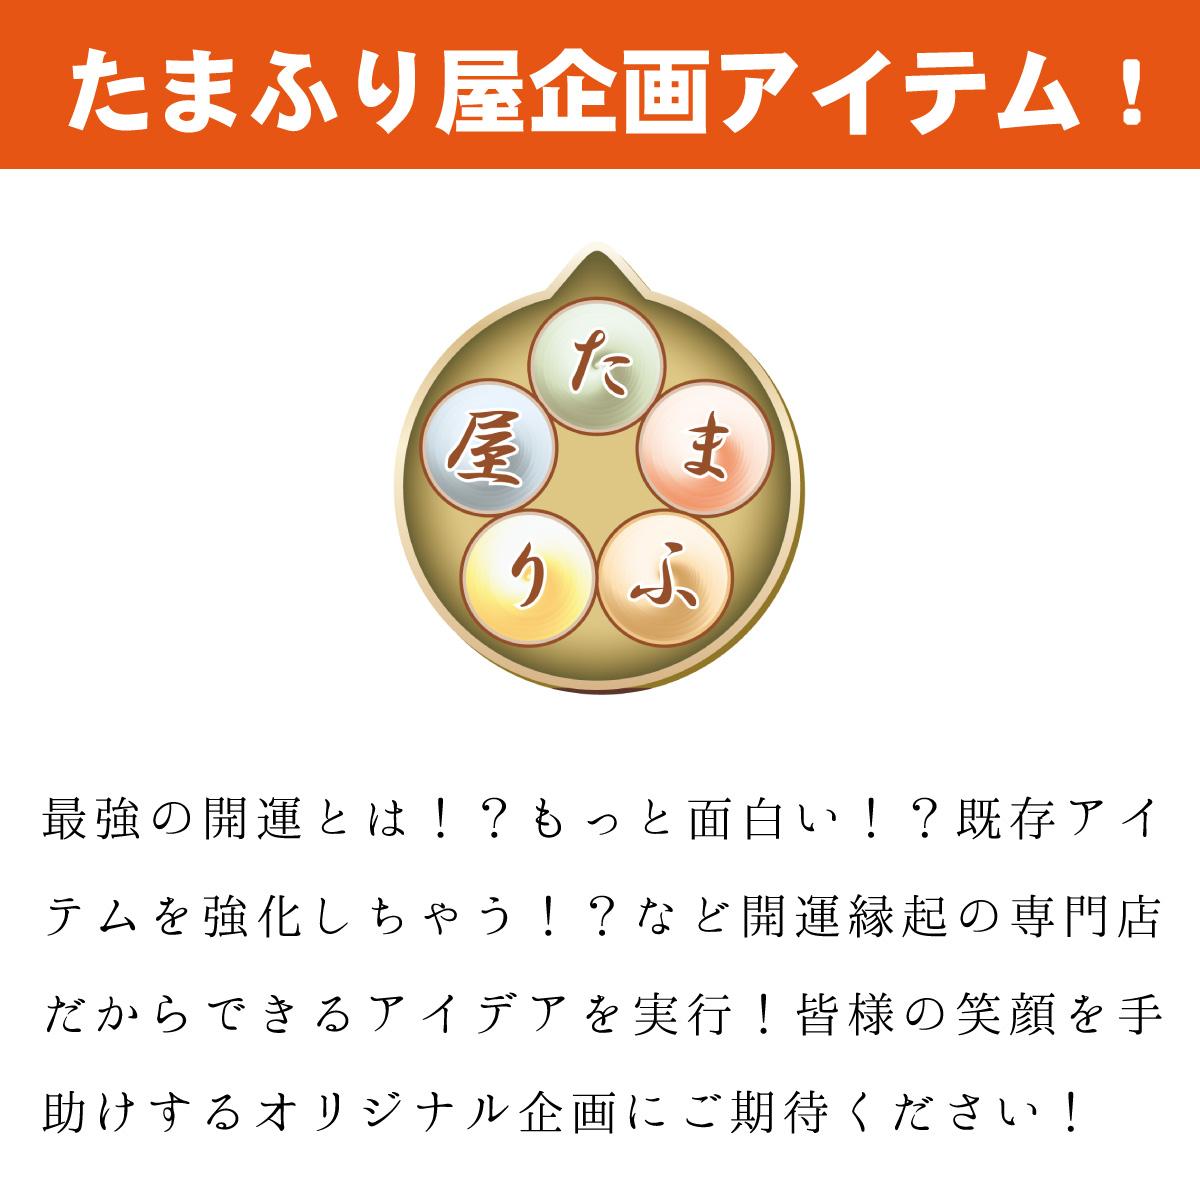 【霊符・御守】 ゴールデンタリスマン 金運成就之秘符 ≫金運と願望成就